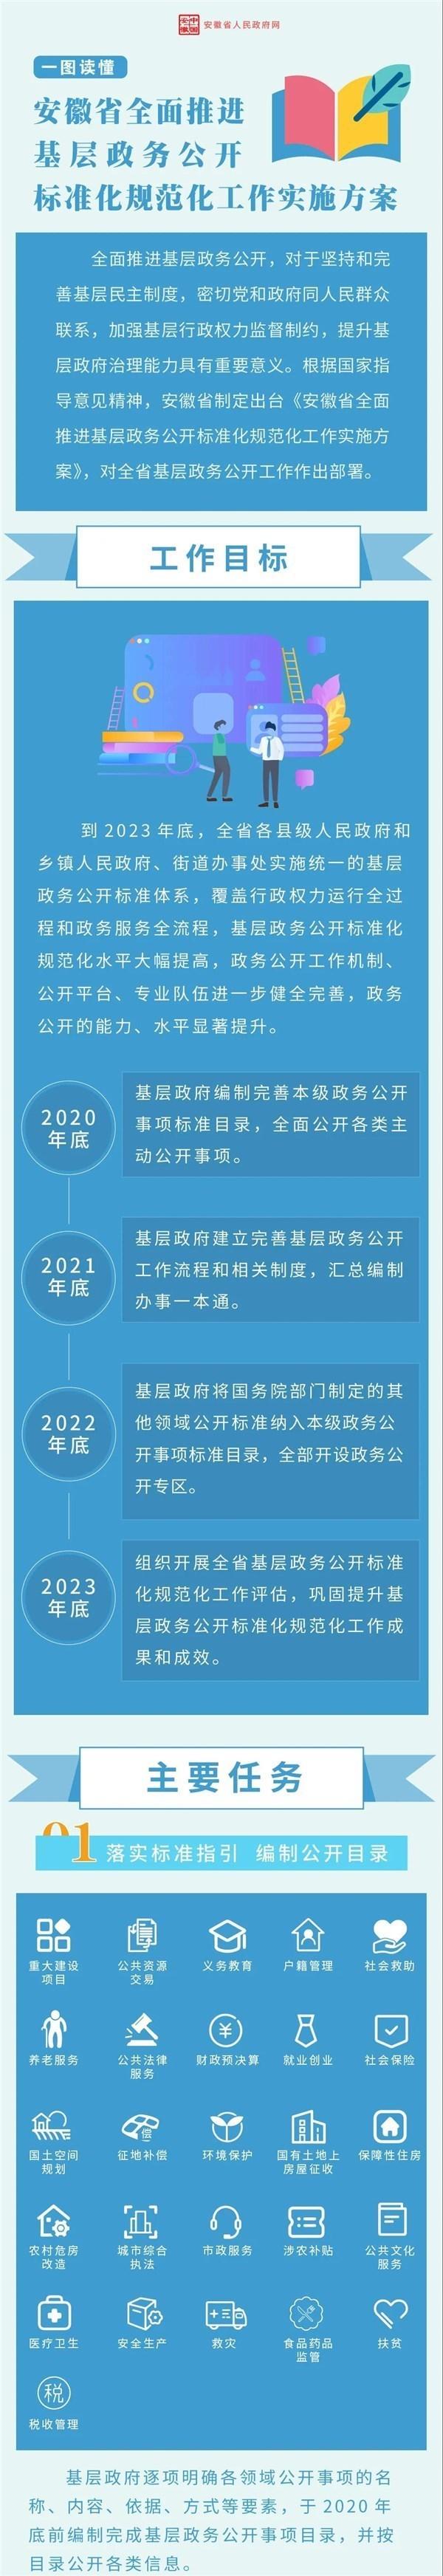 一图读懂:安徽省全面推进基层政务公开标准化规范化工作实施方案